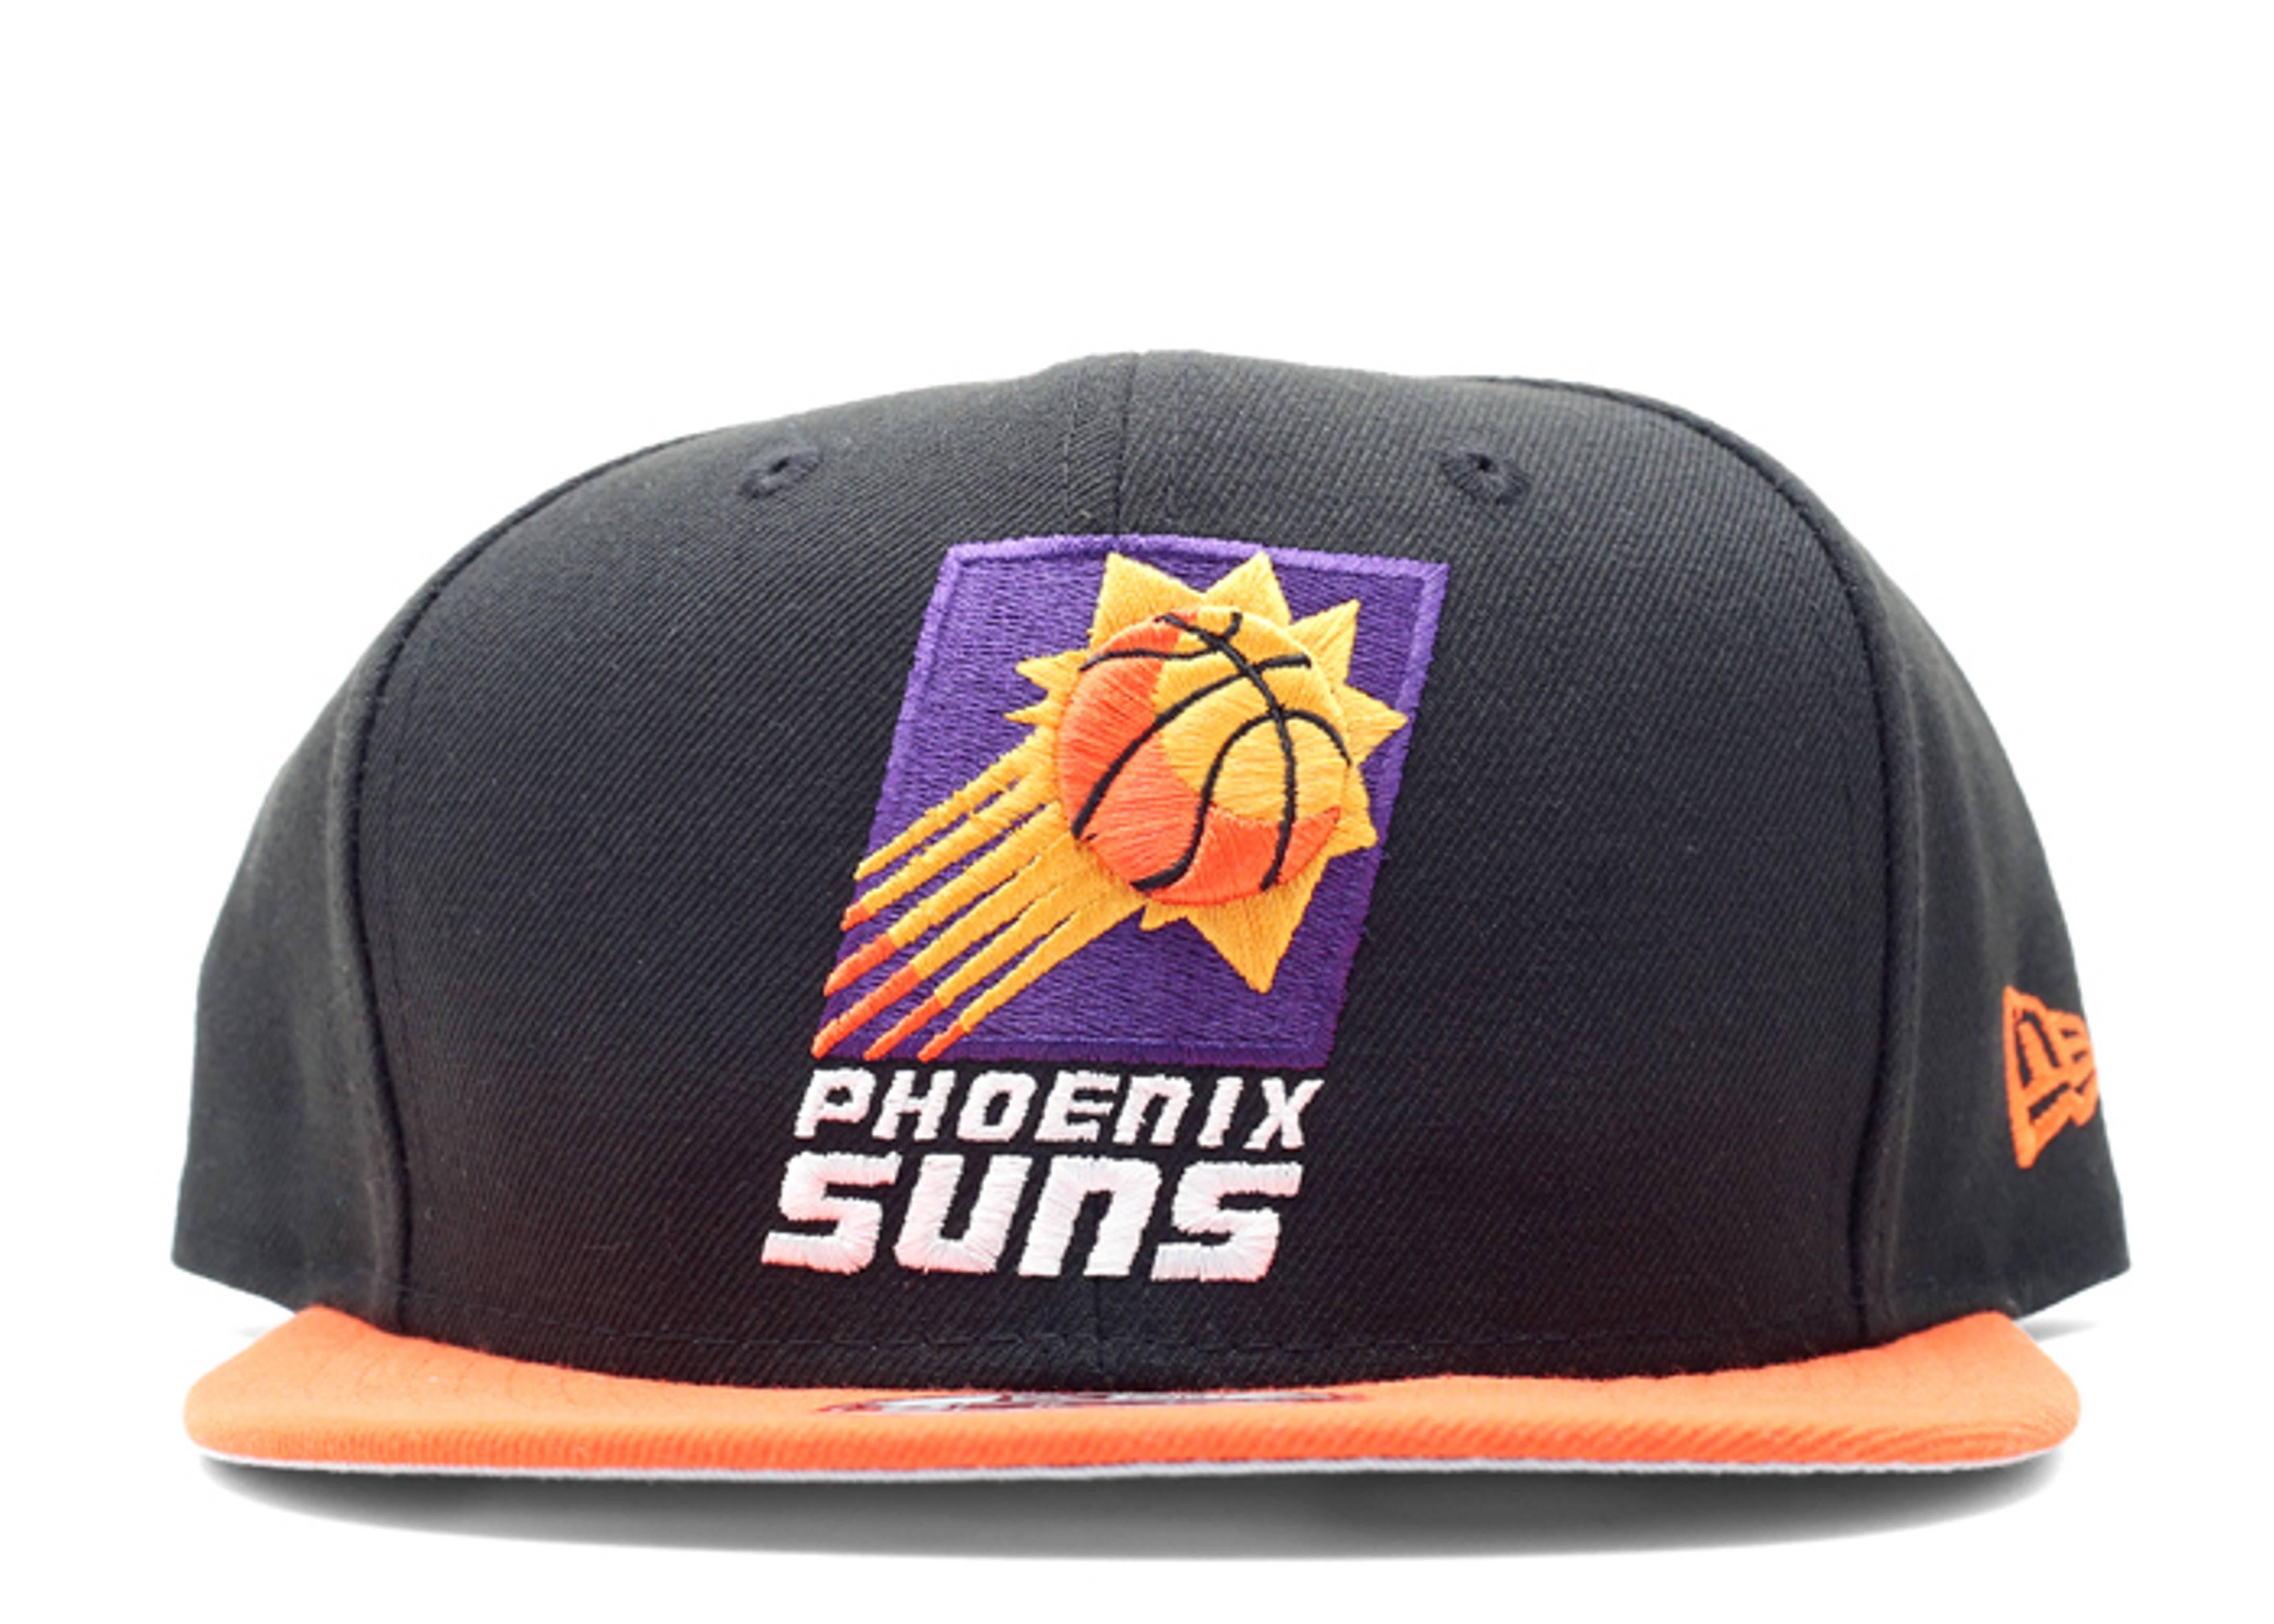 phonenix suns snap-back